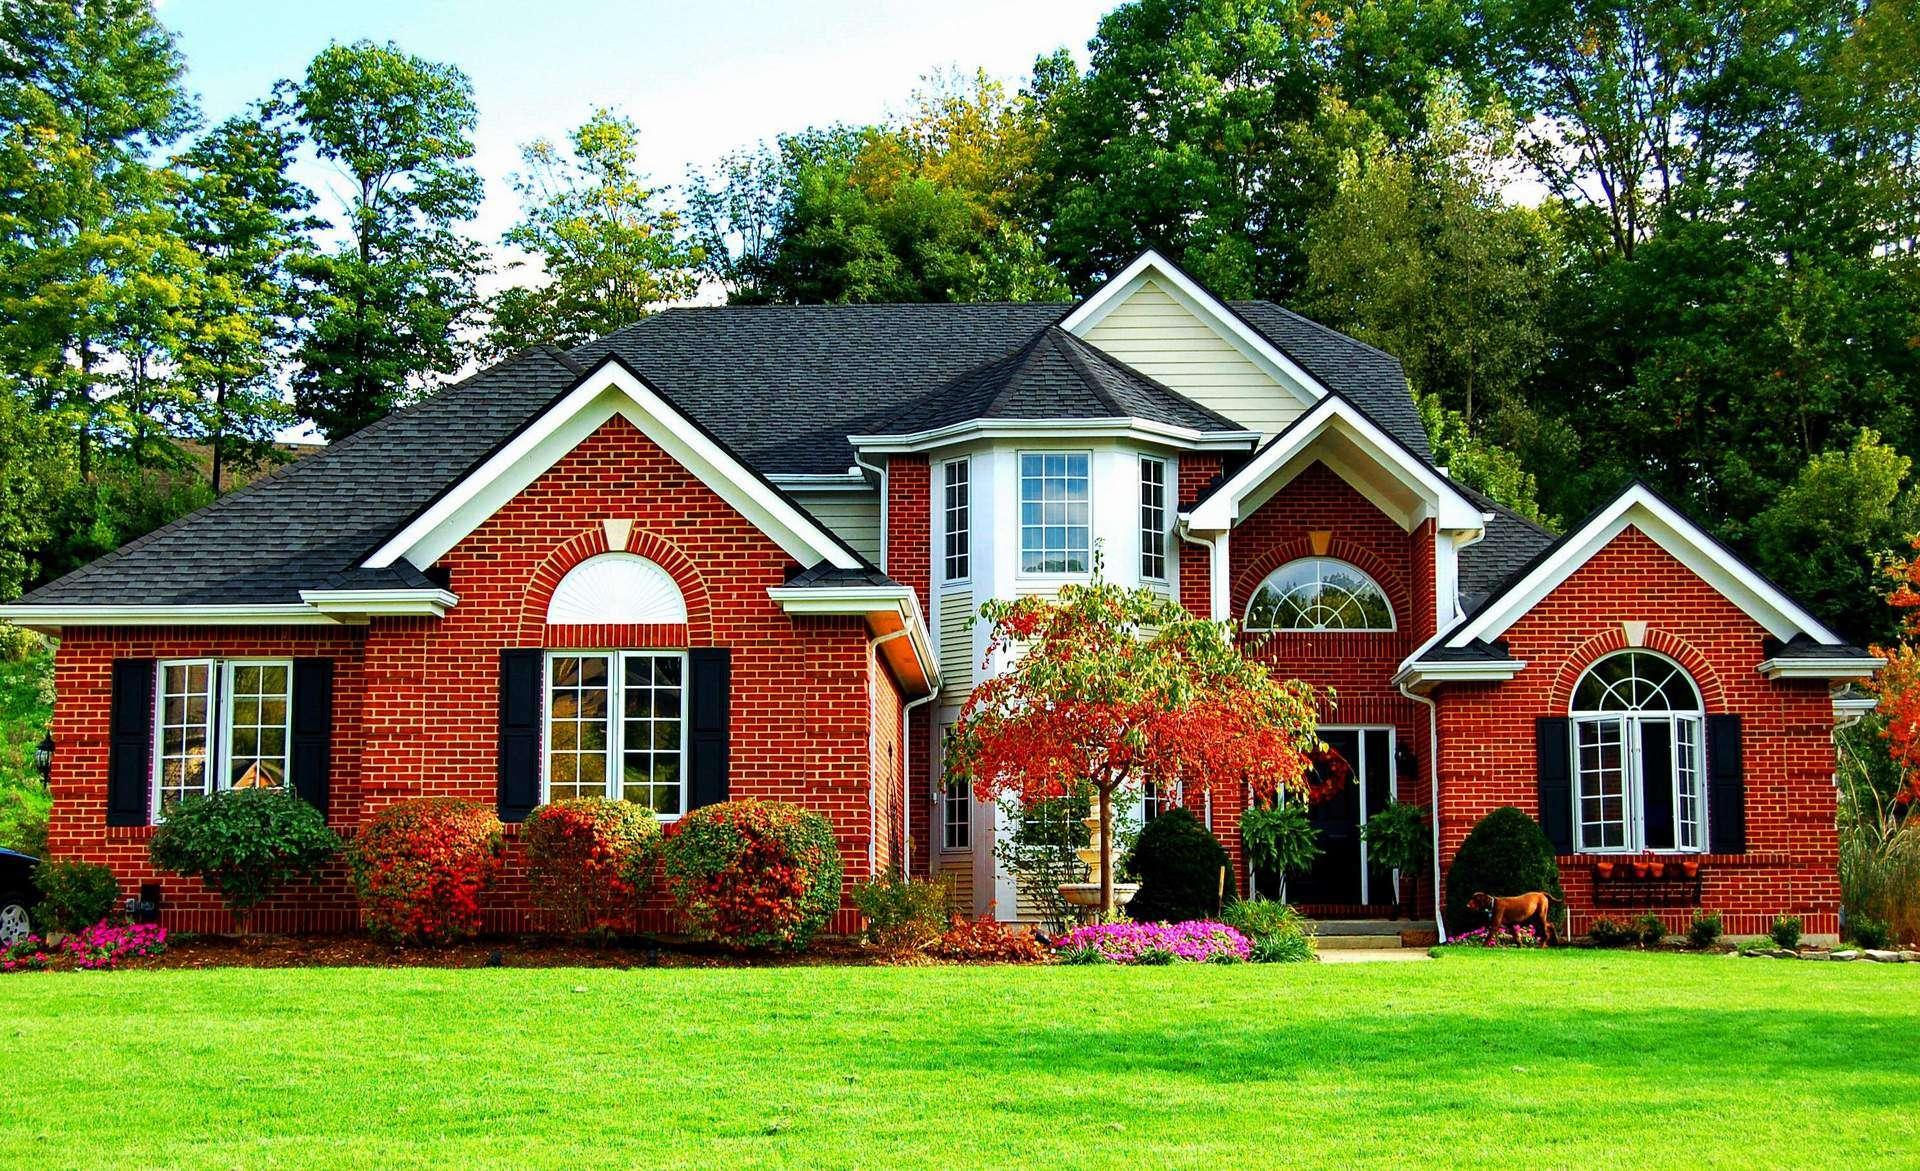 Vom einfachen Haus zum Traumschloss - die Außengestaltung ist das A ...